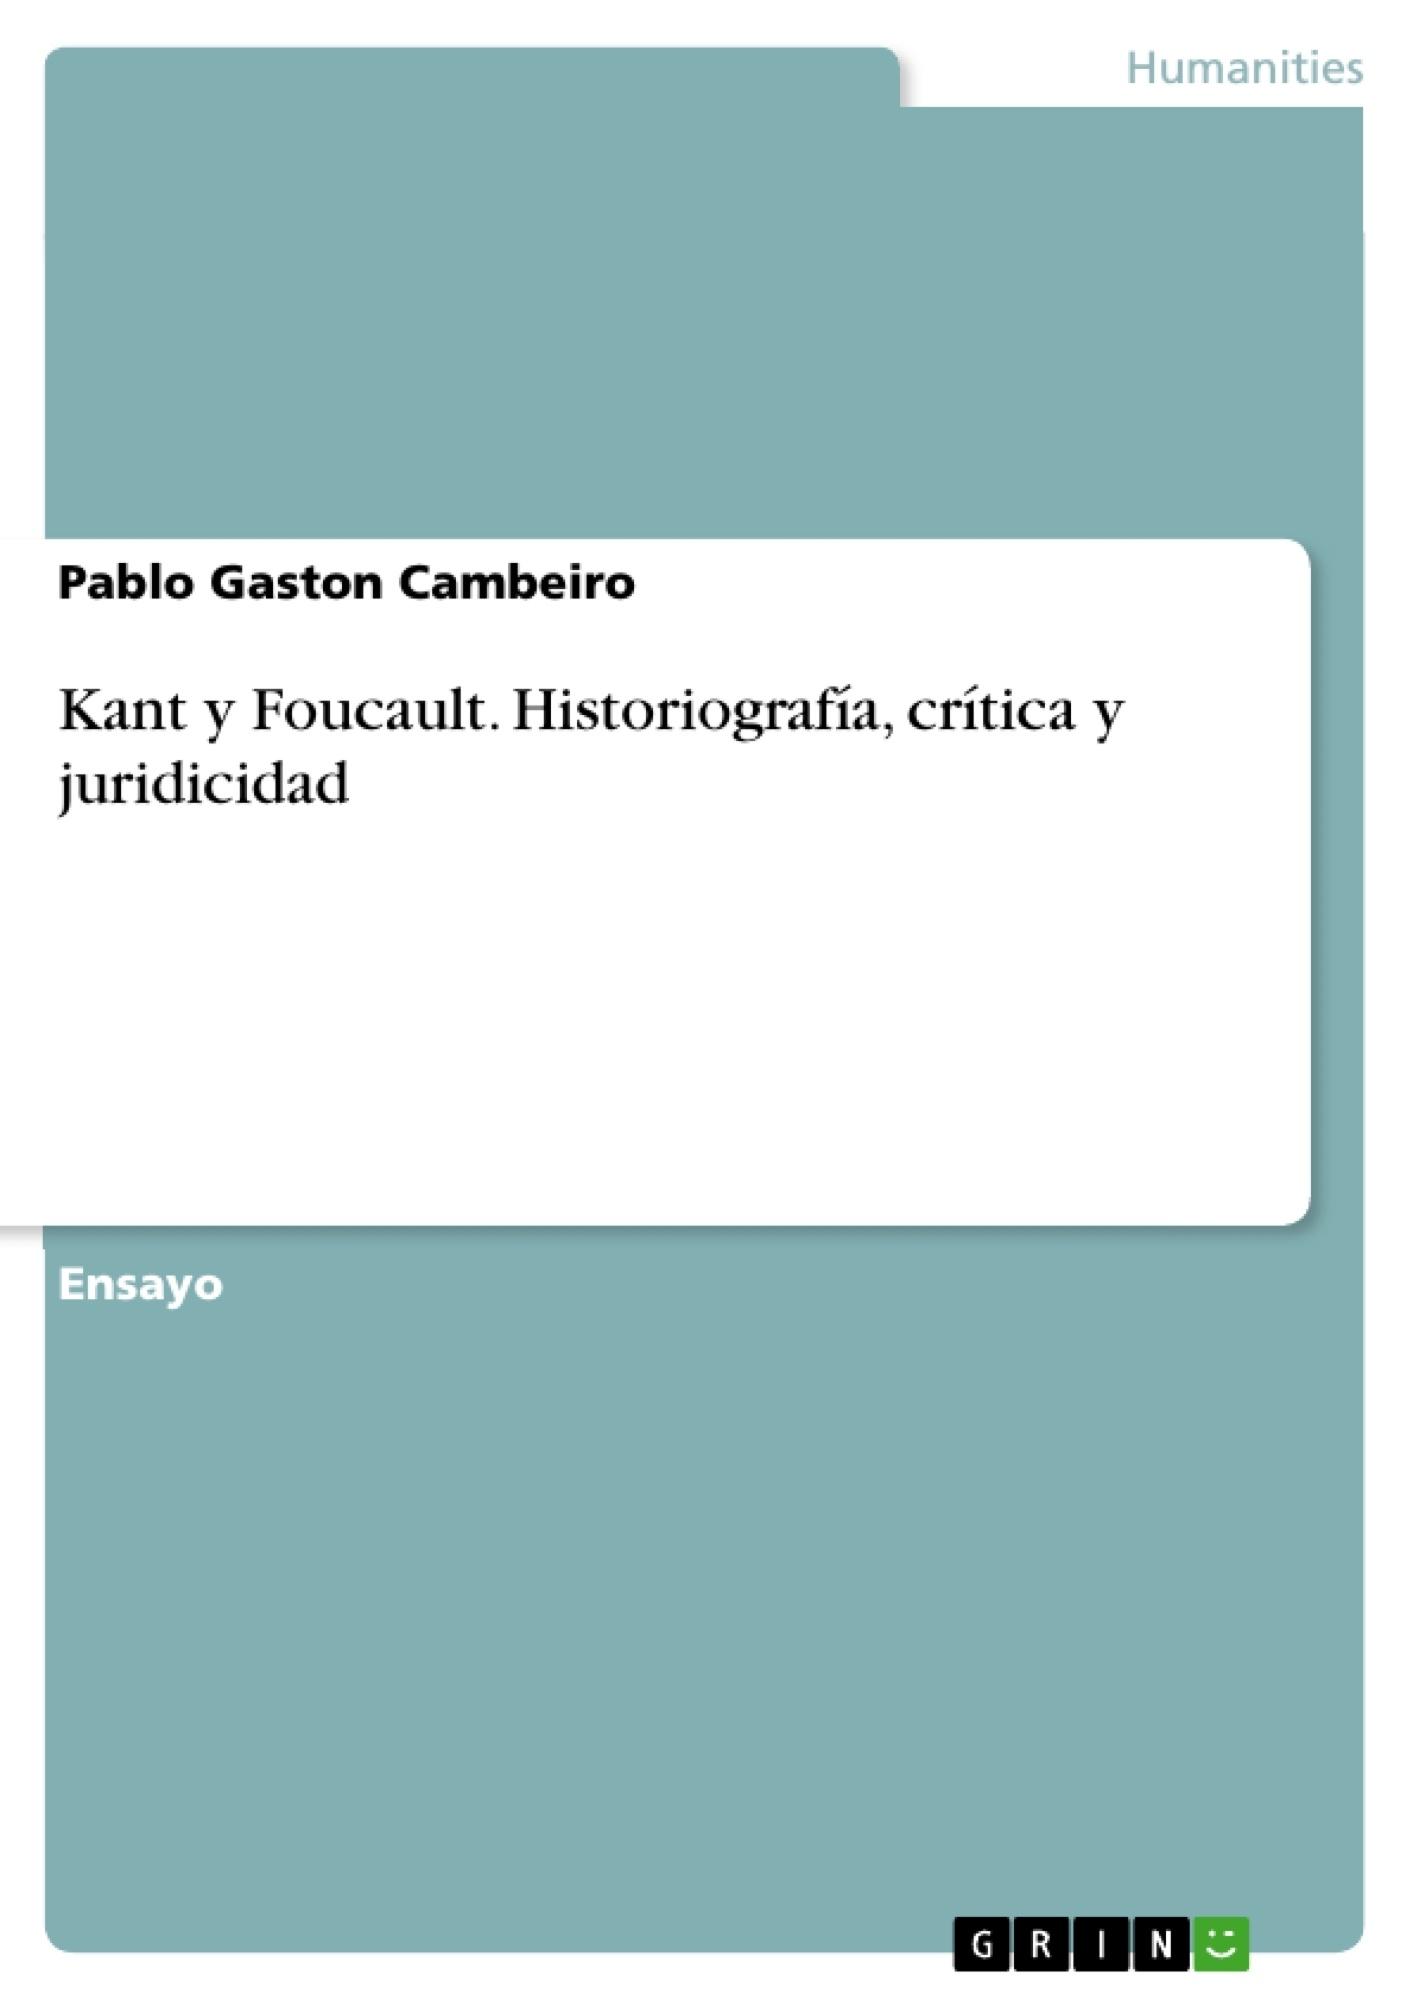 Título: Kant y Foucault. Historiografía, crítica y juridicidad